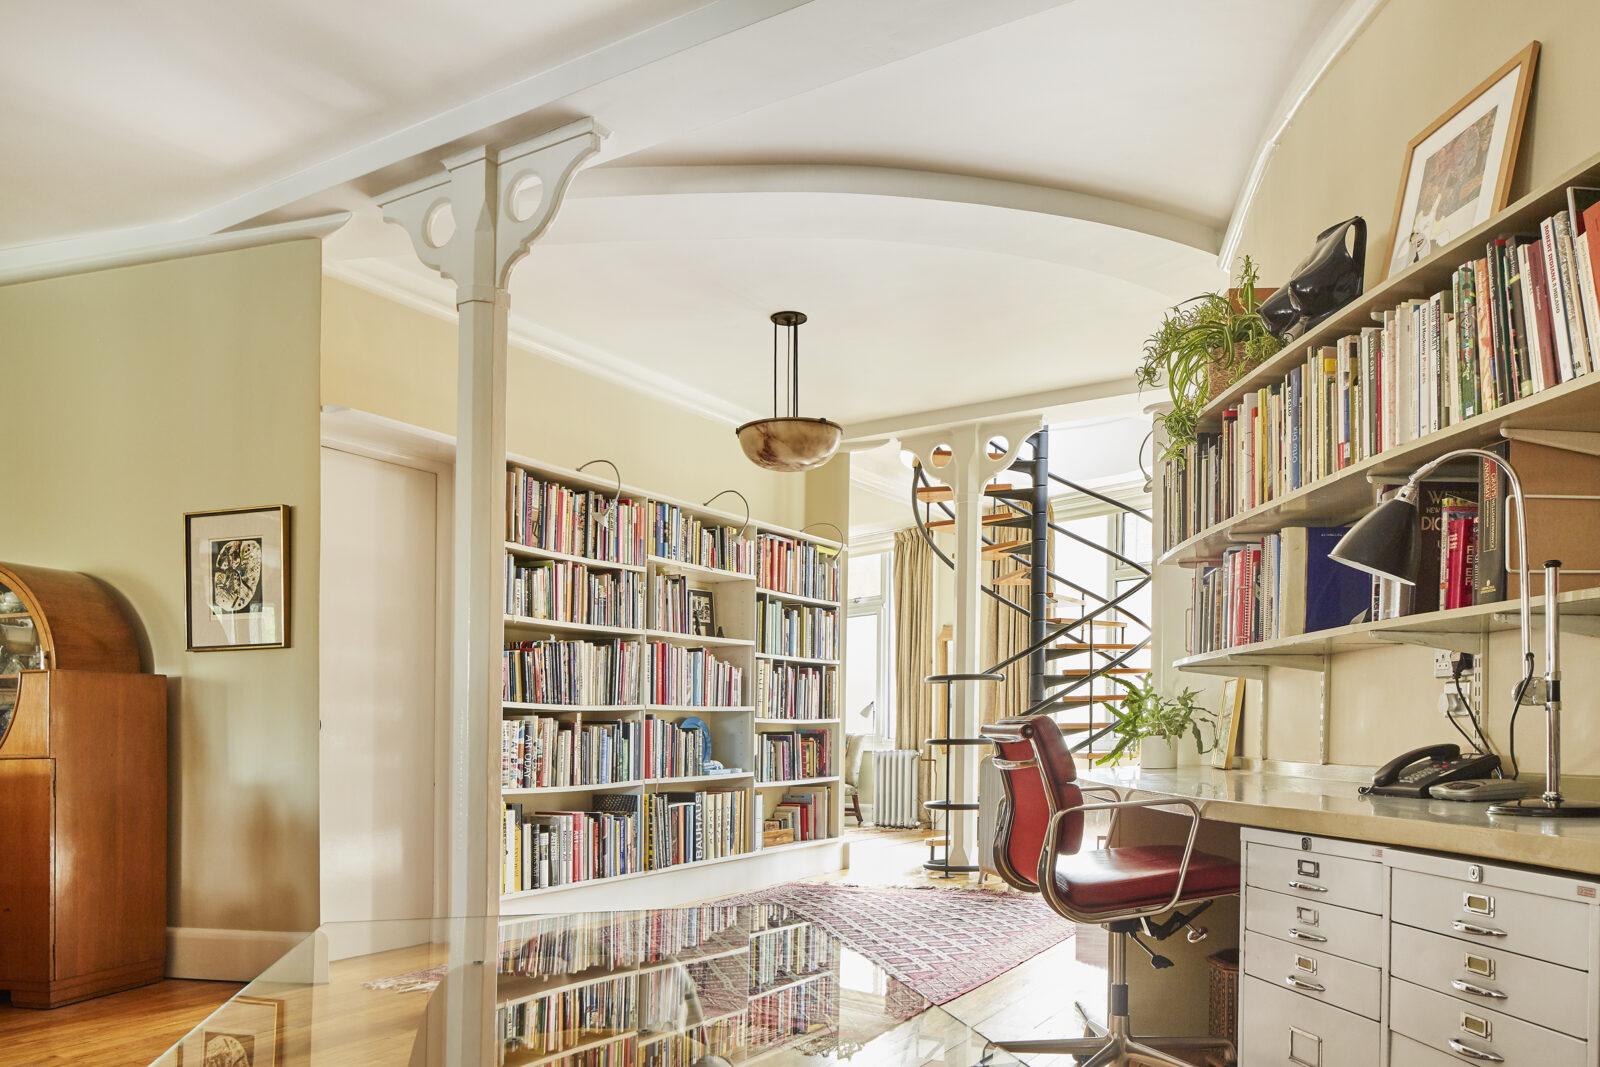 Inside the London Home on Charterhouse Square designed for British artist Allen Jones